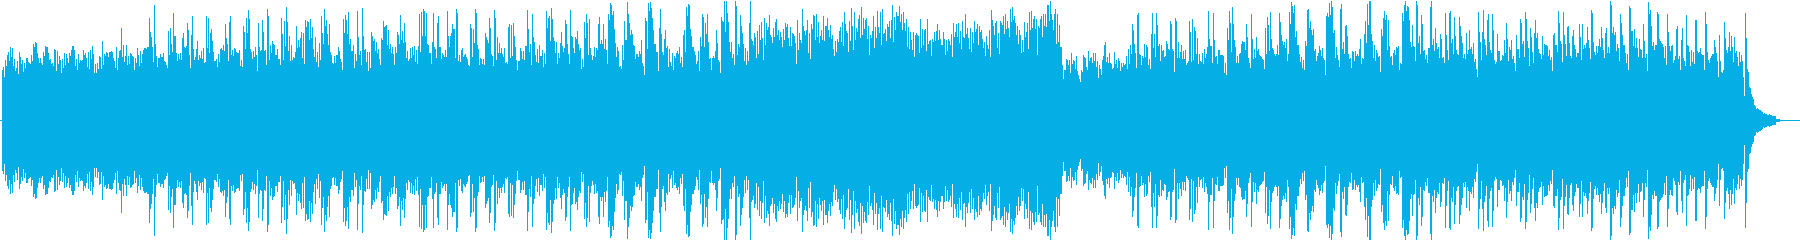 ピアノ独奏によるヒーリング音楽の再生済みの波形